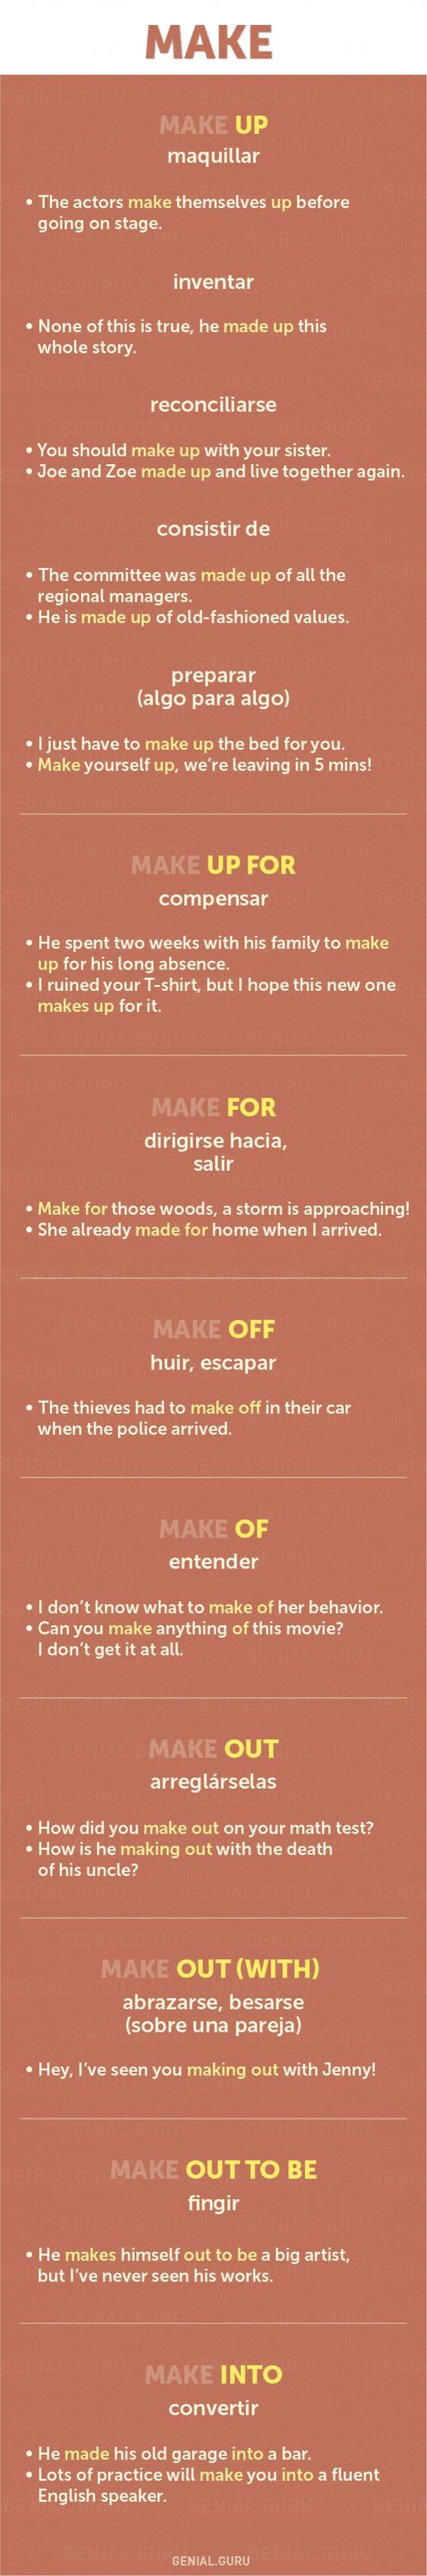 60+ frases con los verbos más necesarios en Inglés #english #phrasalverbs #make